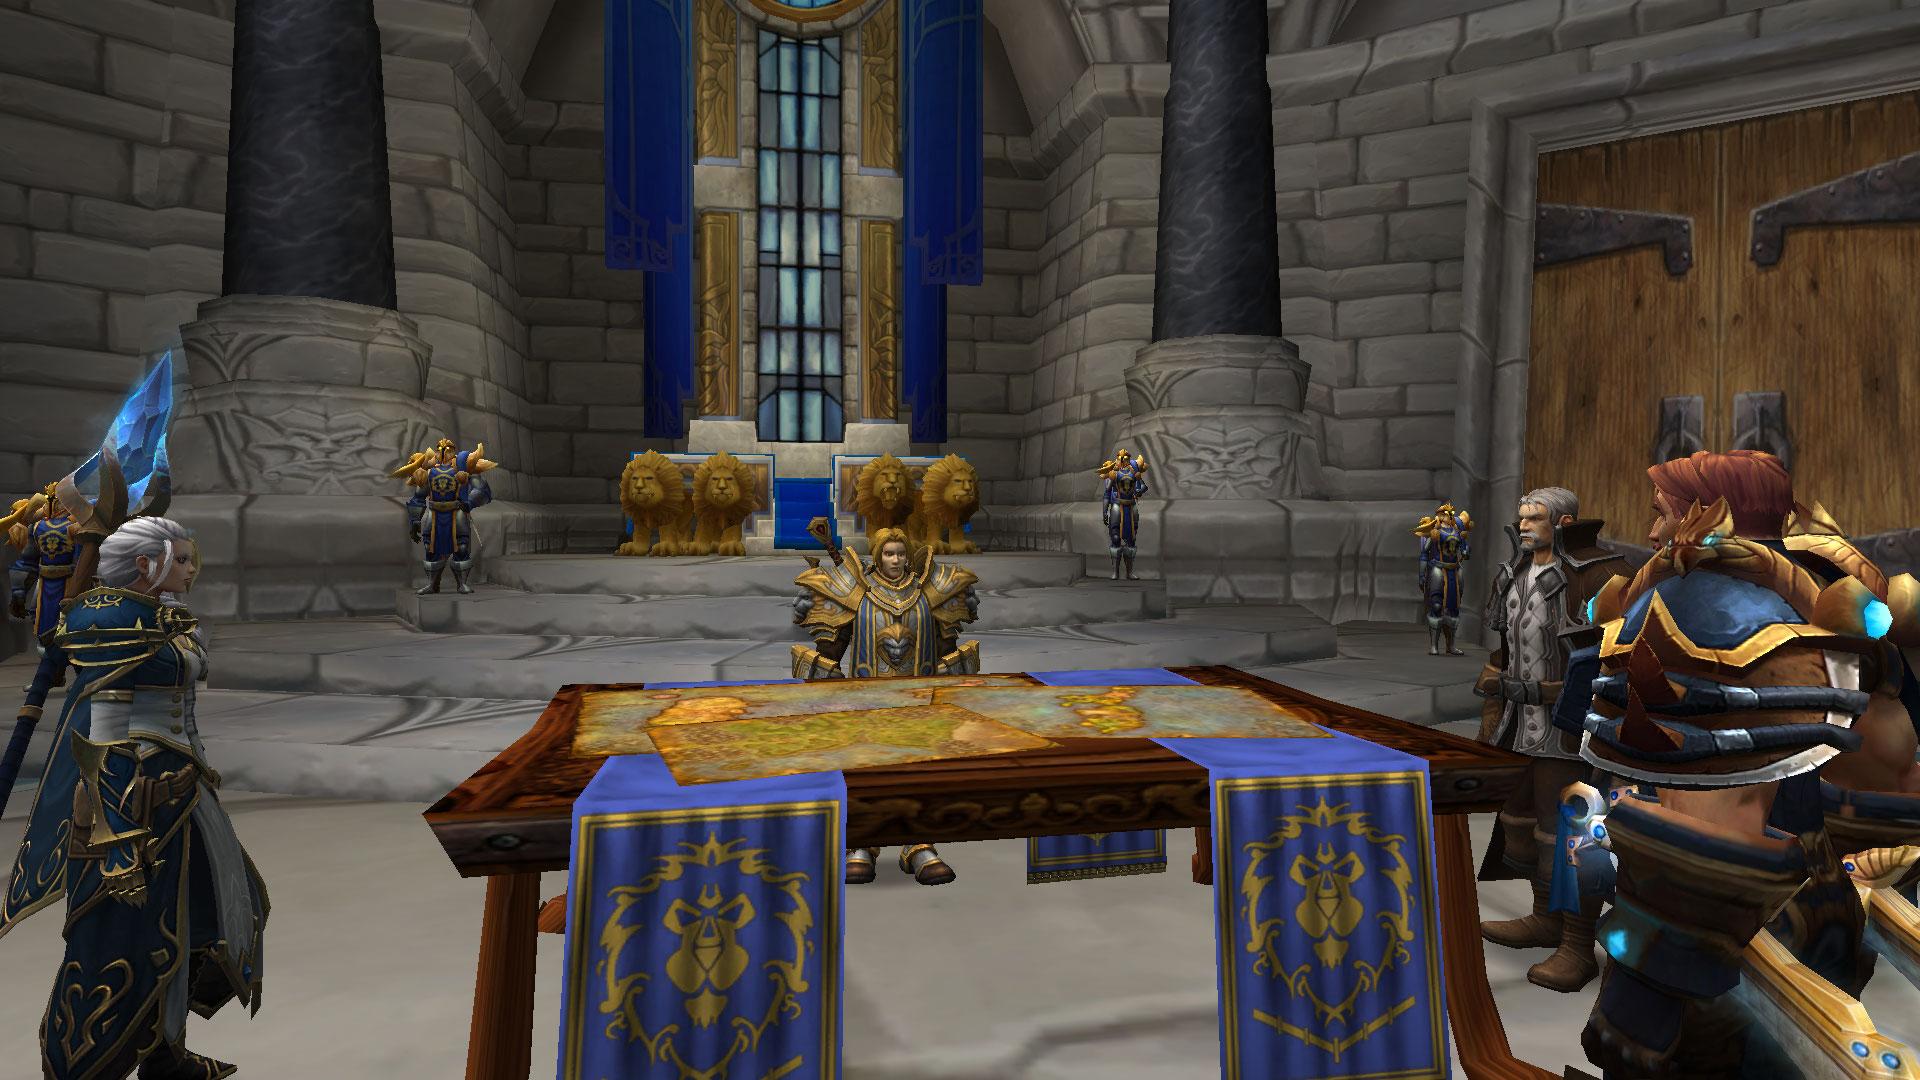 Le conseil de guerre de l'Alliance au Donjon de Hurlevent